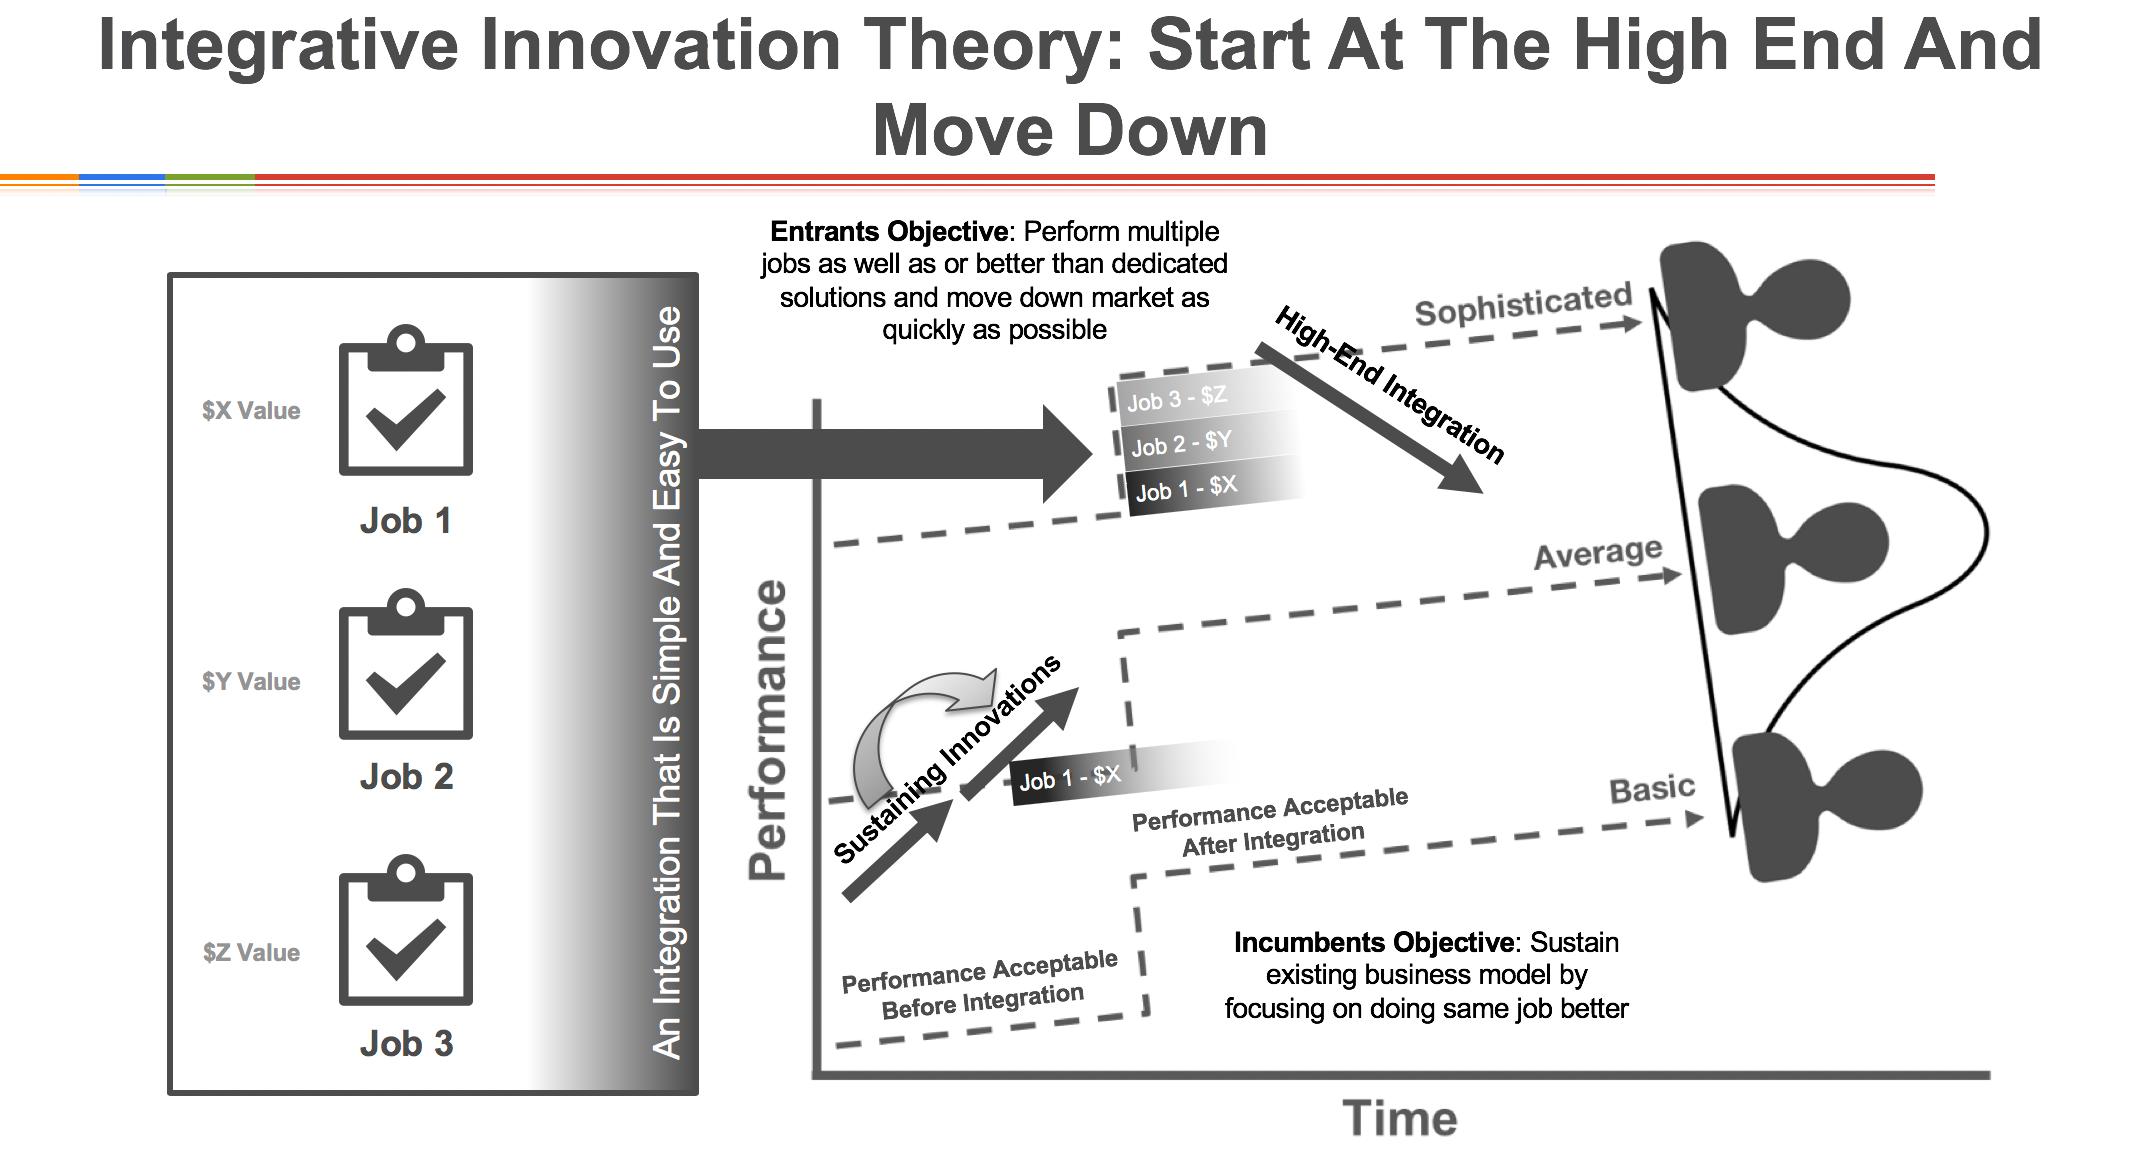 Integrative Innovation